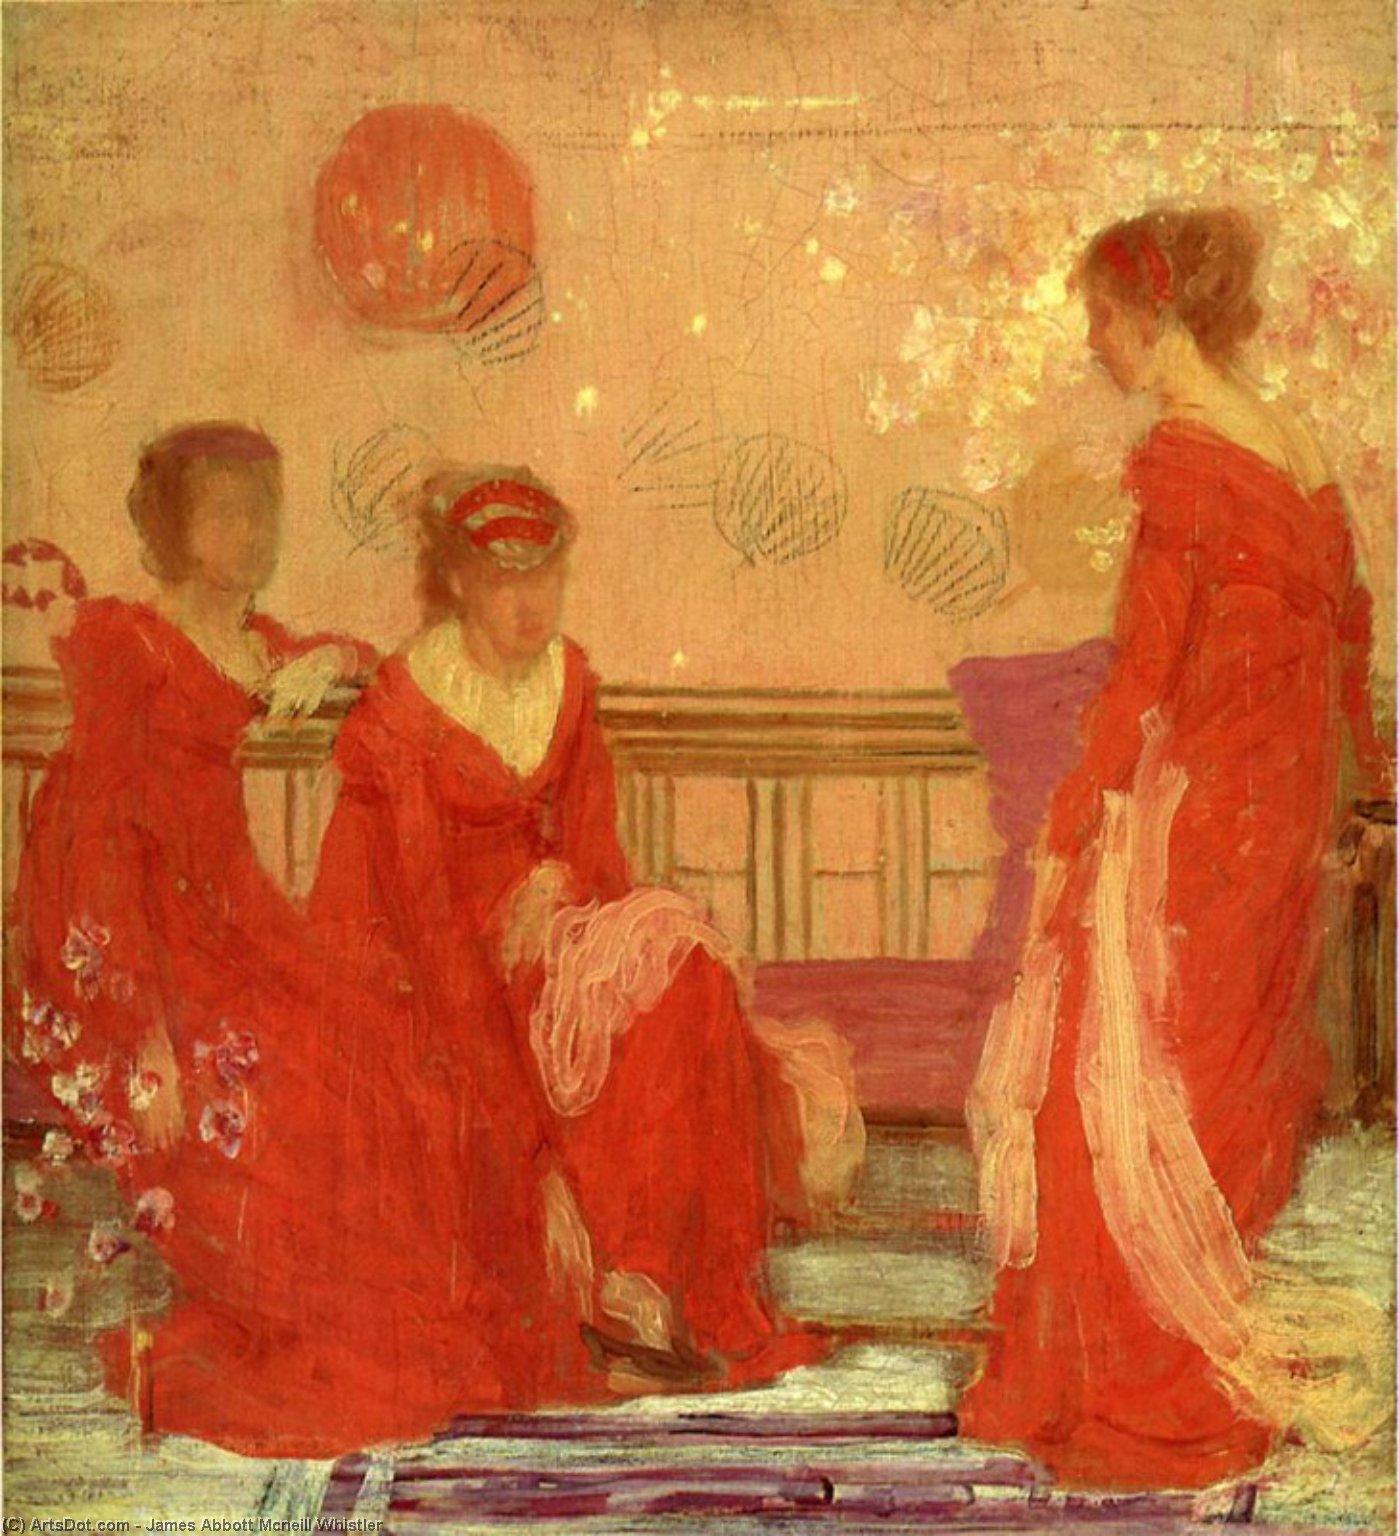 WikiOO.org - Энциклопедия изобразительного искусства - Живопись, Картины  James Abbott Mcneill Whistler - Гармония в плоть  Цвет  а также  Красную